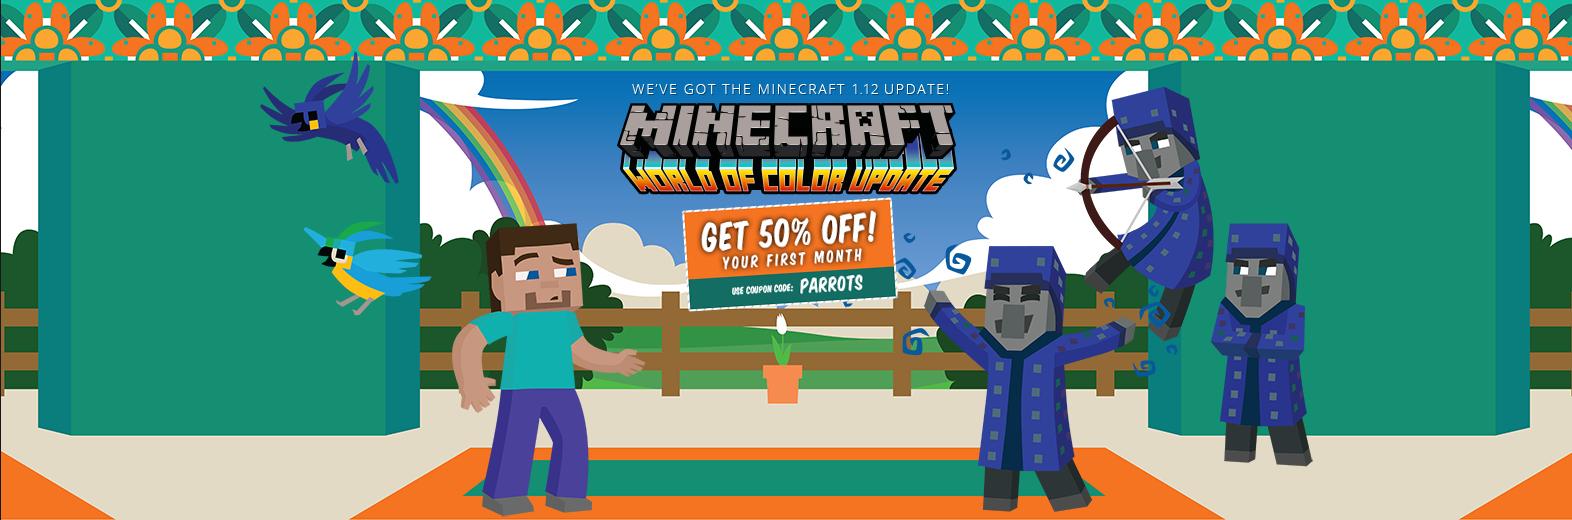 [Nodecraft] -50% auf Minecraft Gameserver (im ersten MONAT)